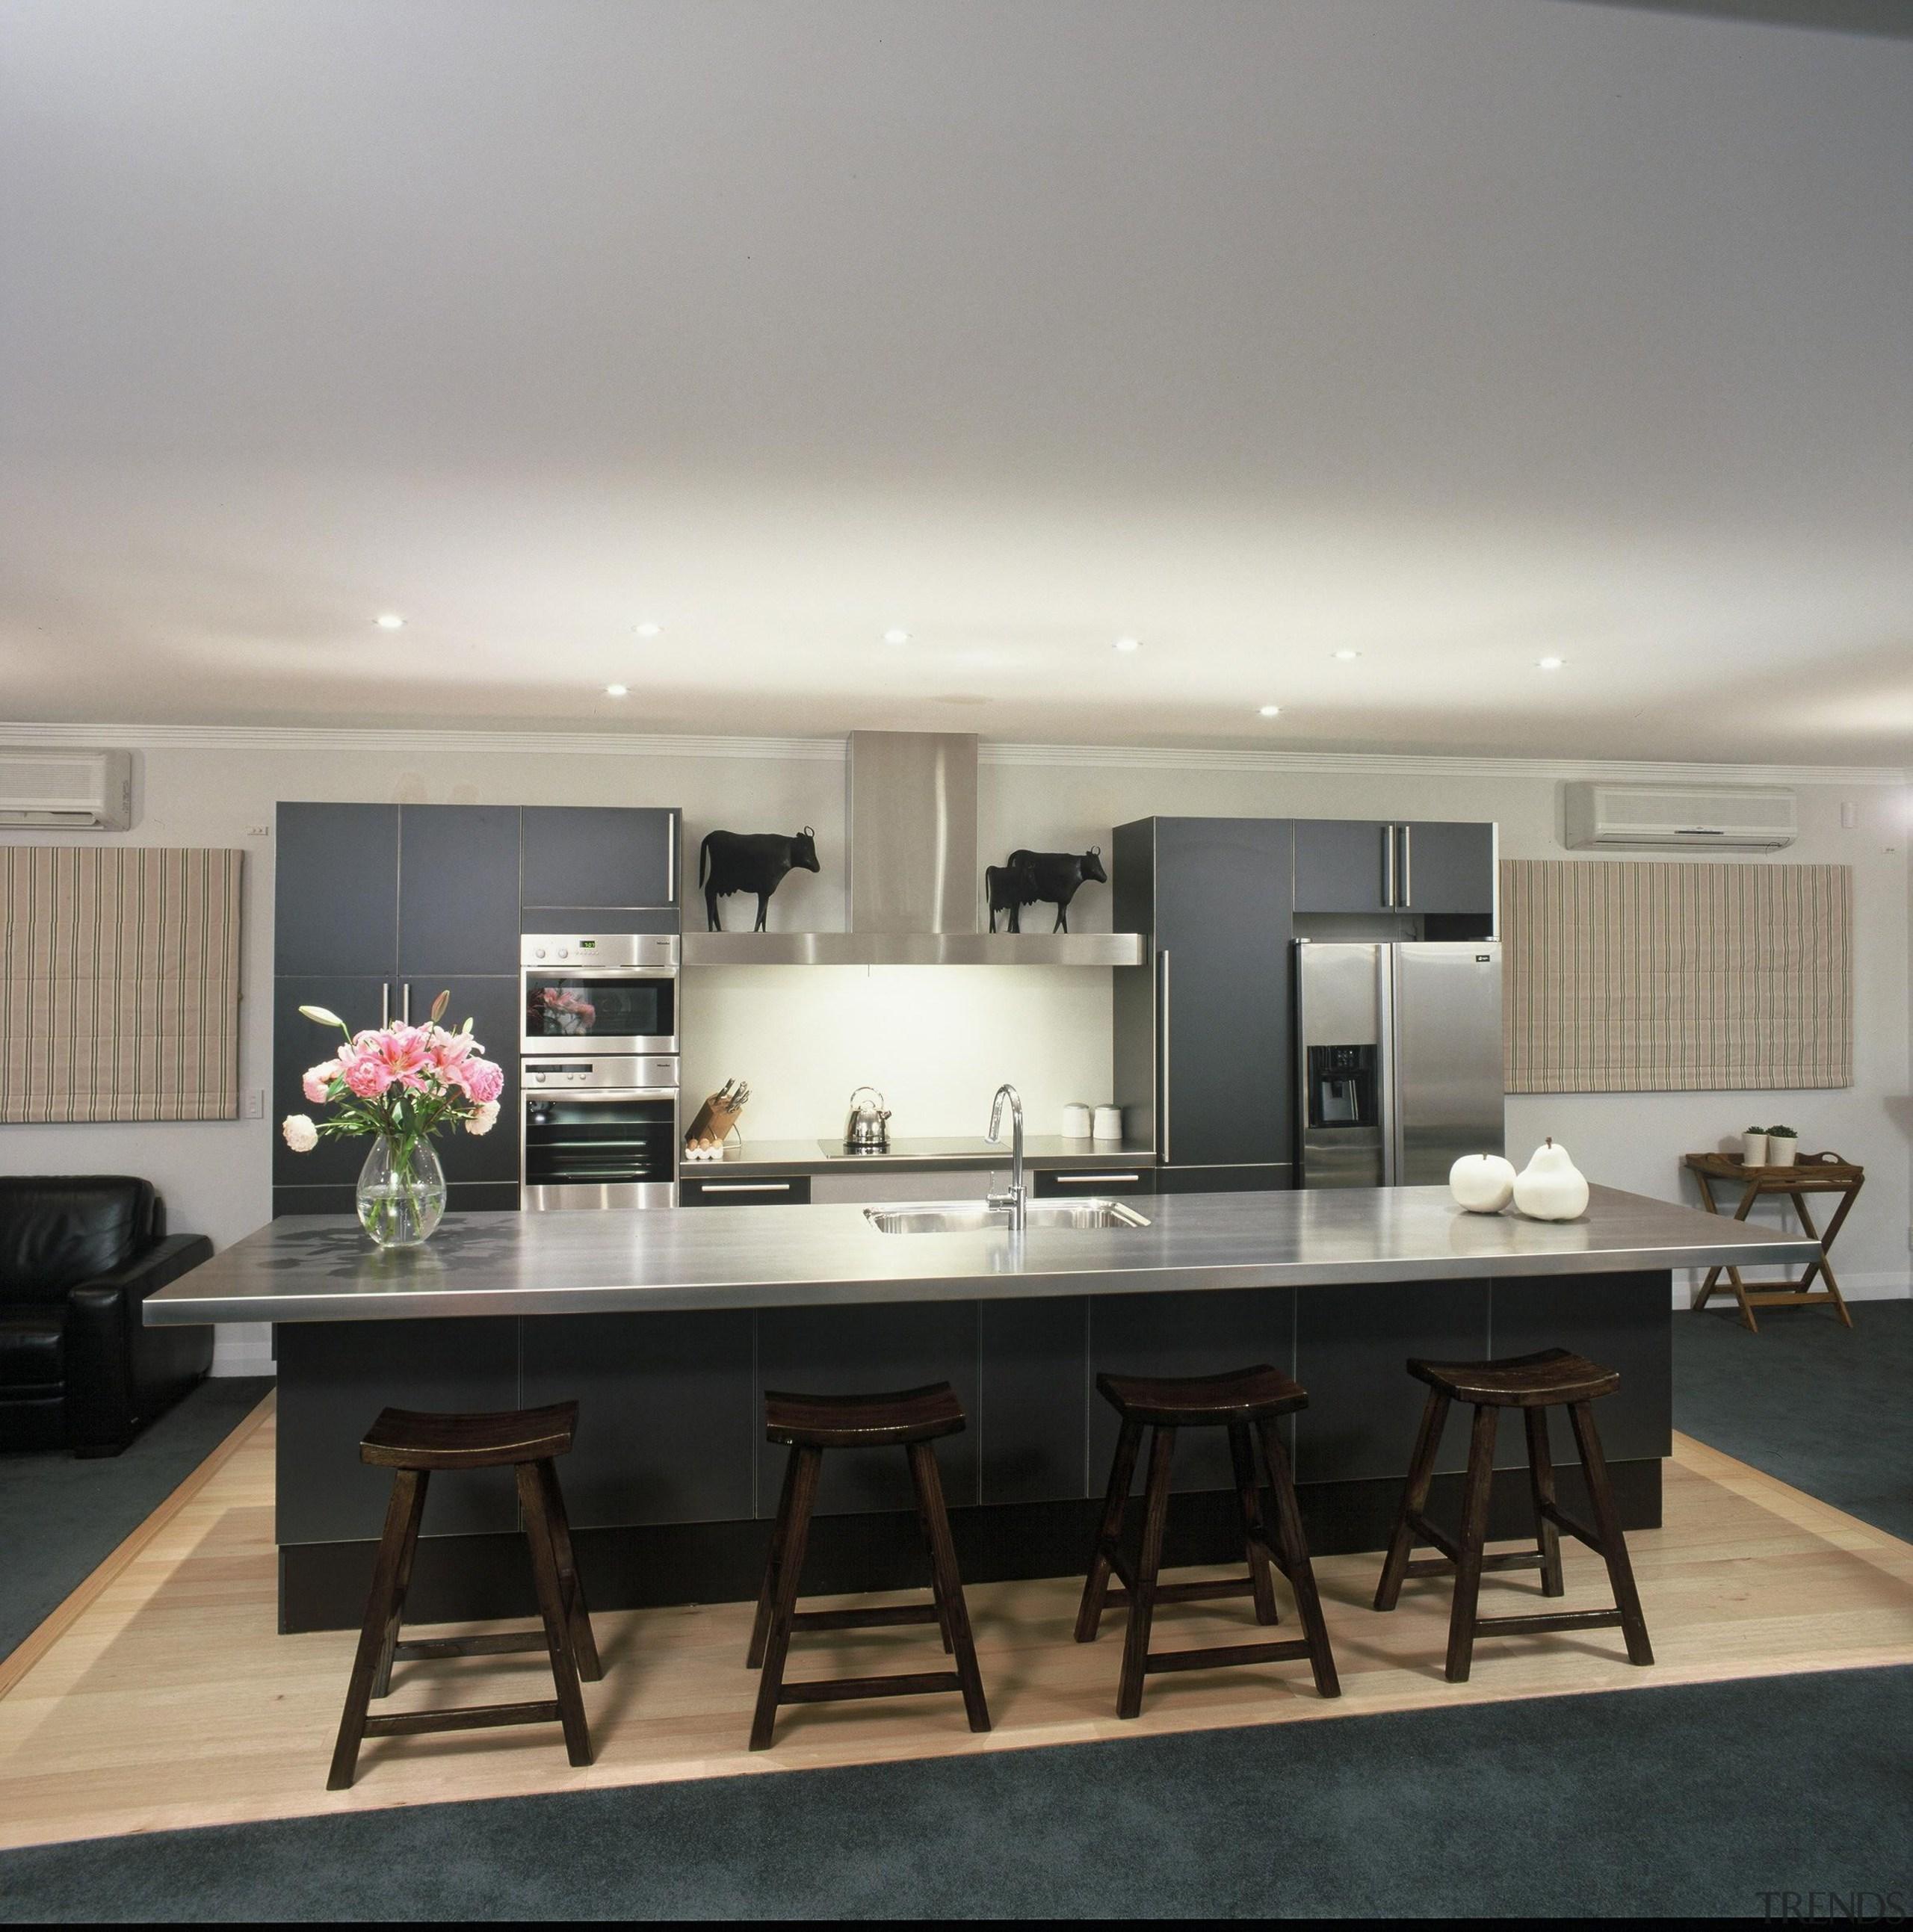 Woburn Kitchen - Woburn Kitchen - ceiling | ceiling, countertop, interior design, kitchen, table, gray, black